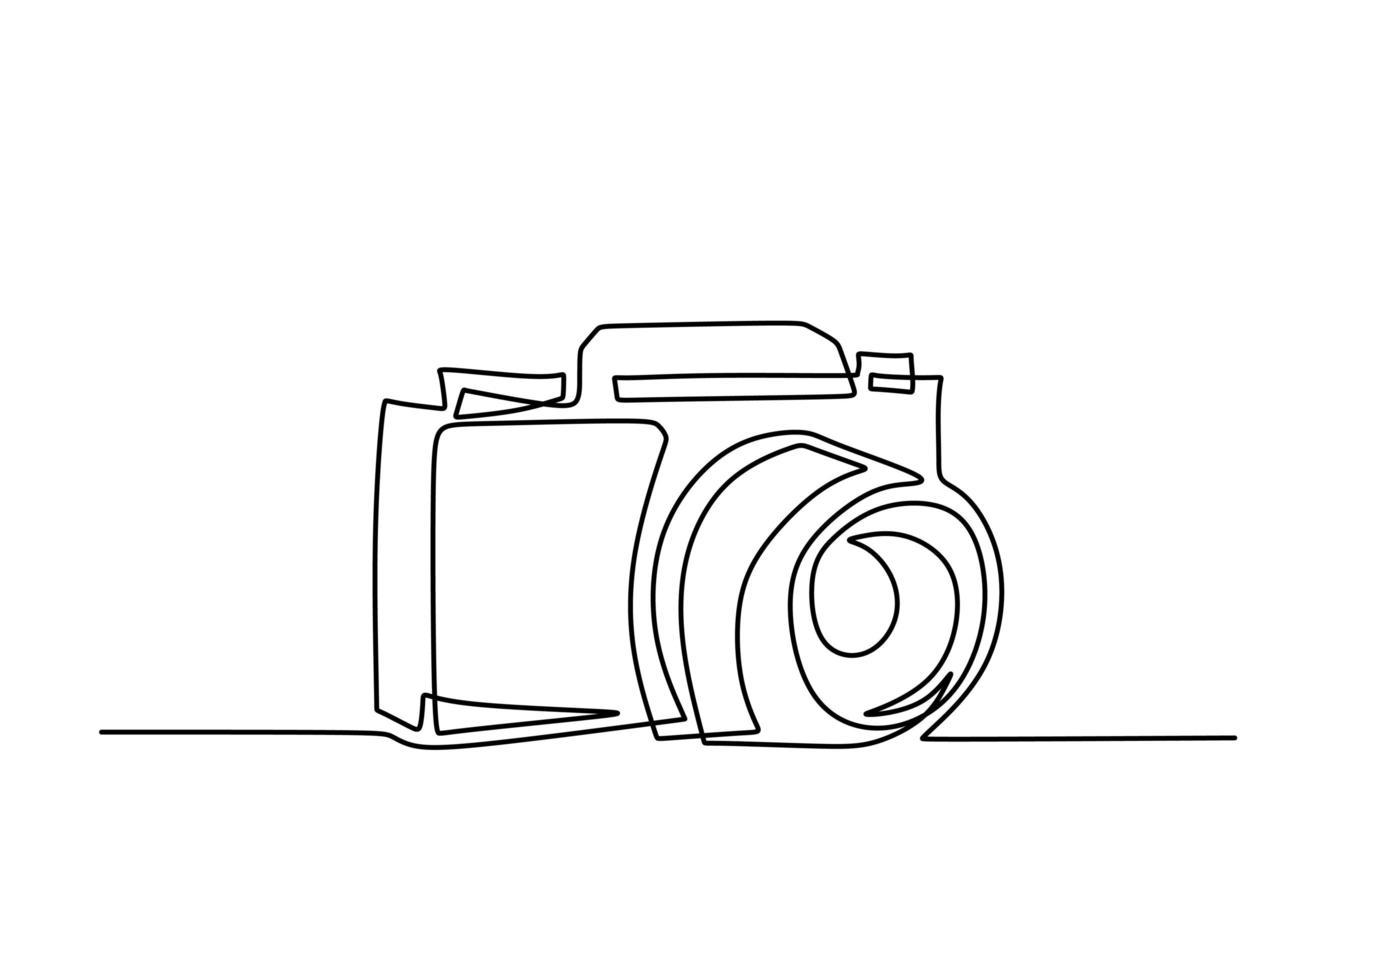 câmera digital um desenho de linha. ilustração vetorial conceito de tecnologia de gadget. vetor